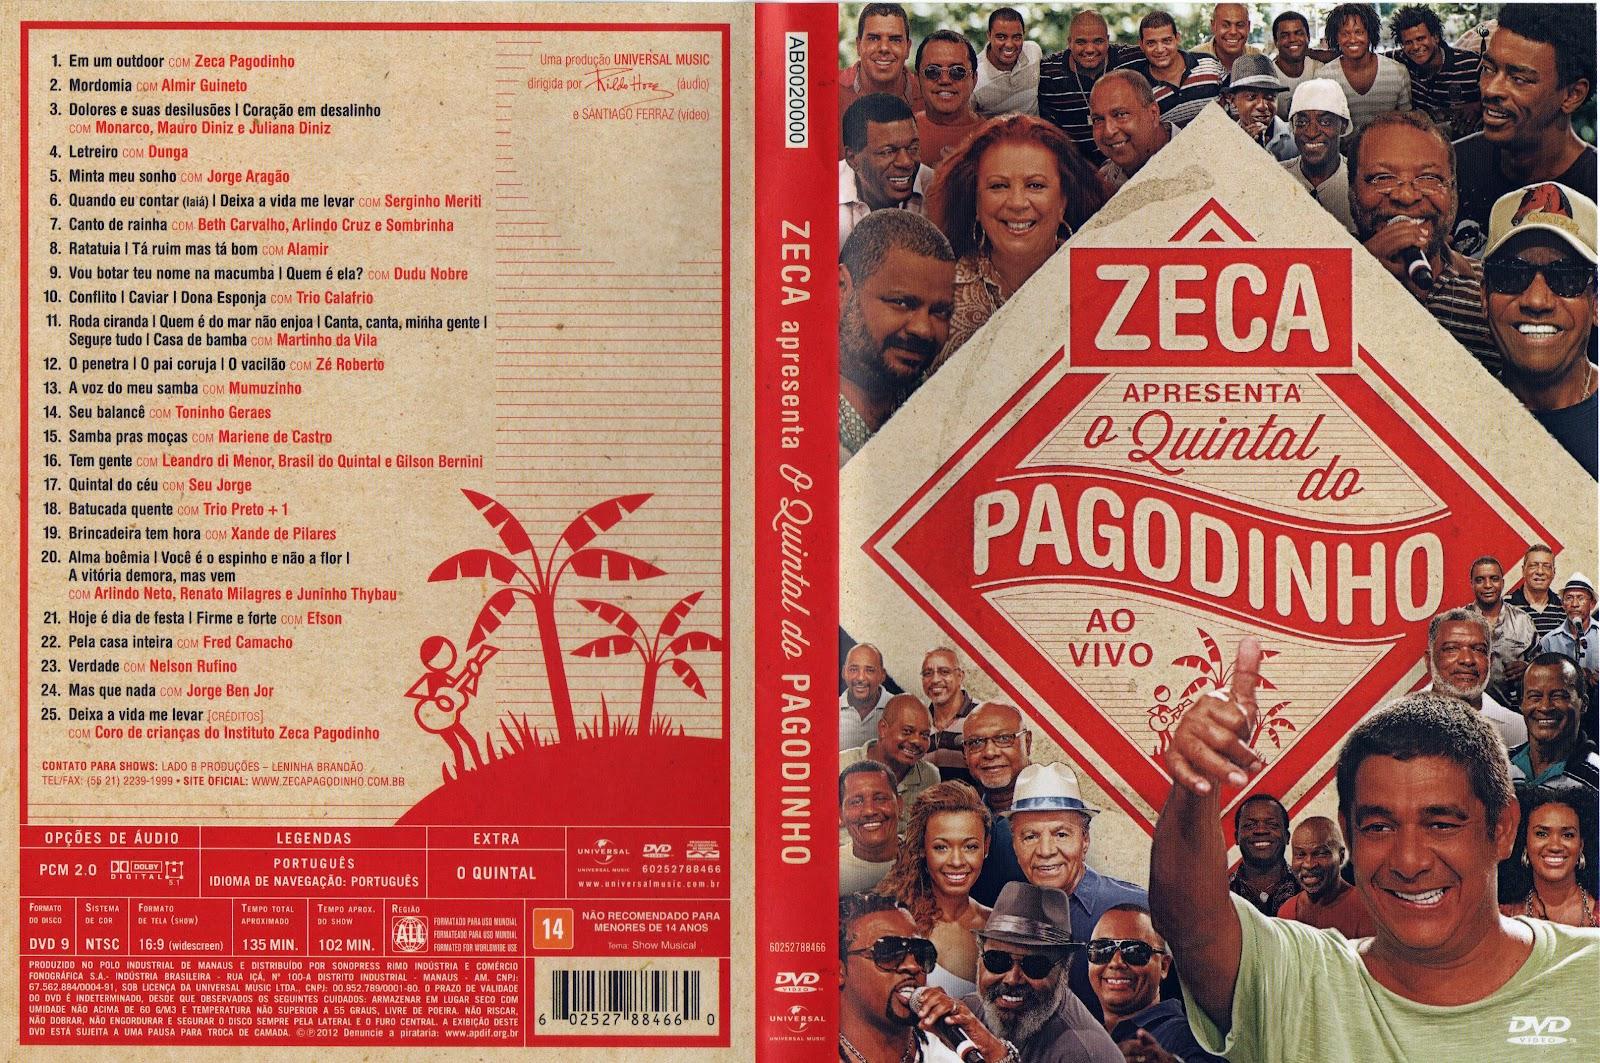 PAGODINHO BAIXAR MTV ZECA DVD